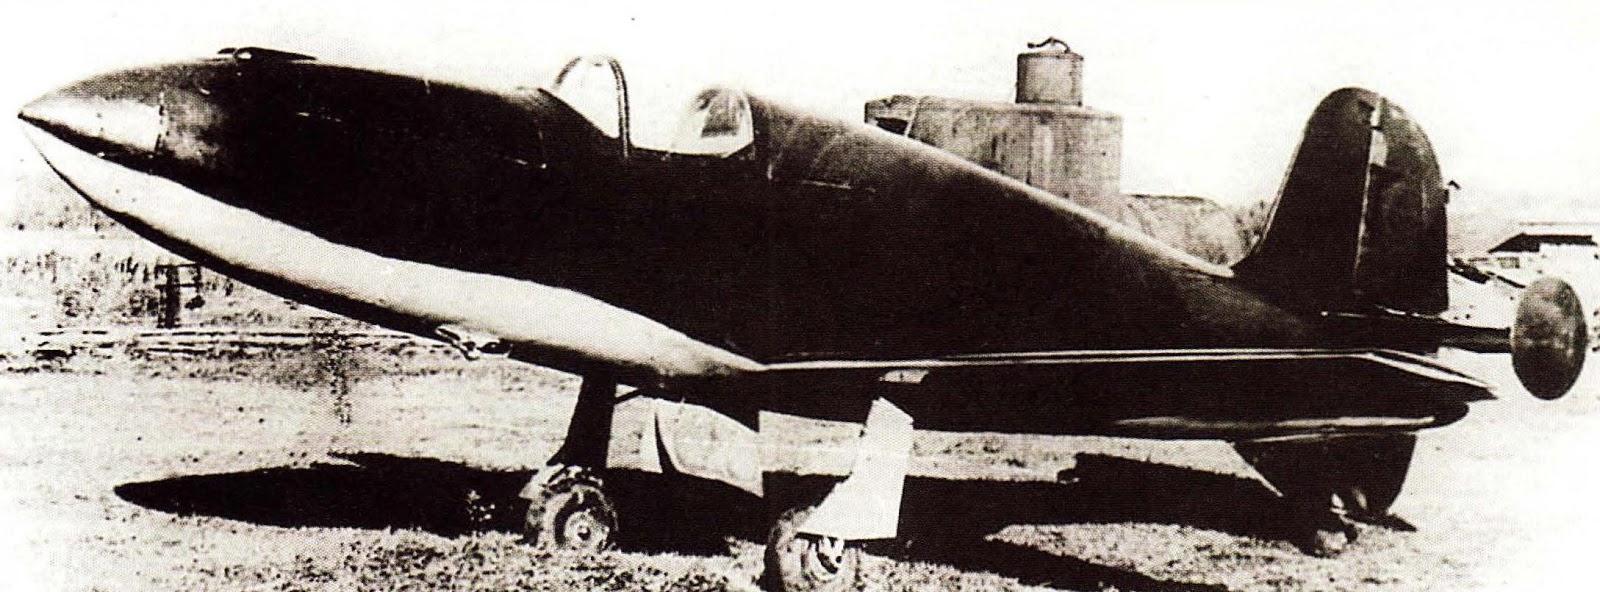 Самолёт БИ-1